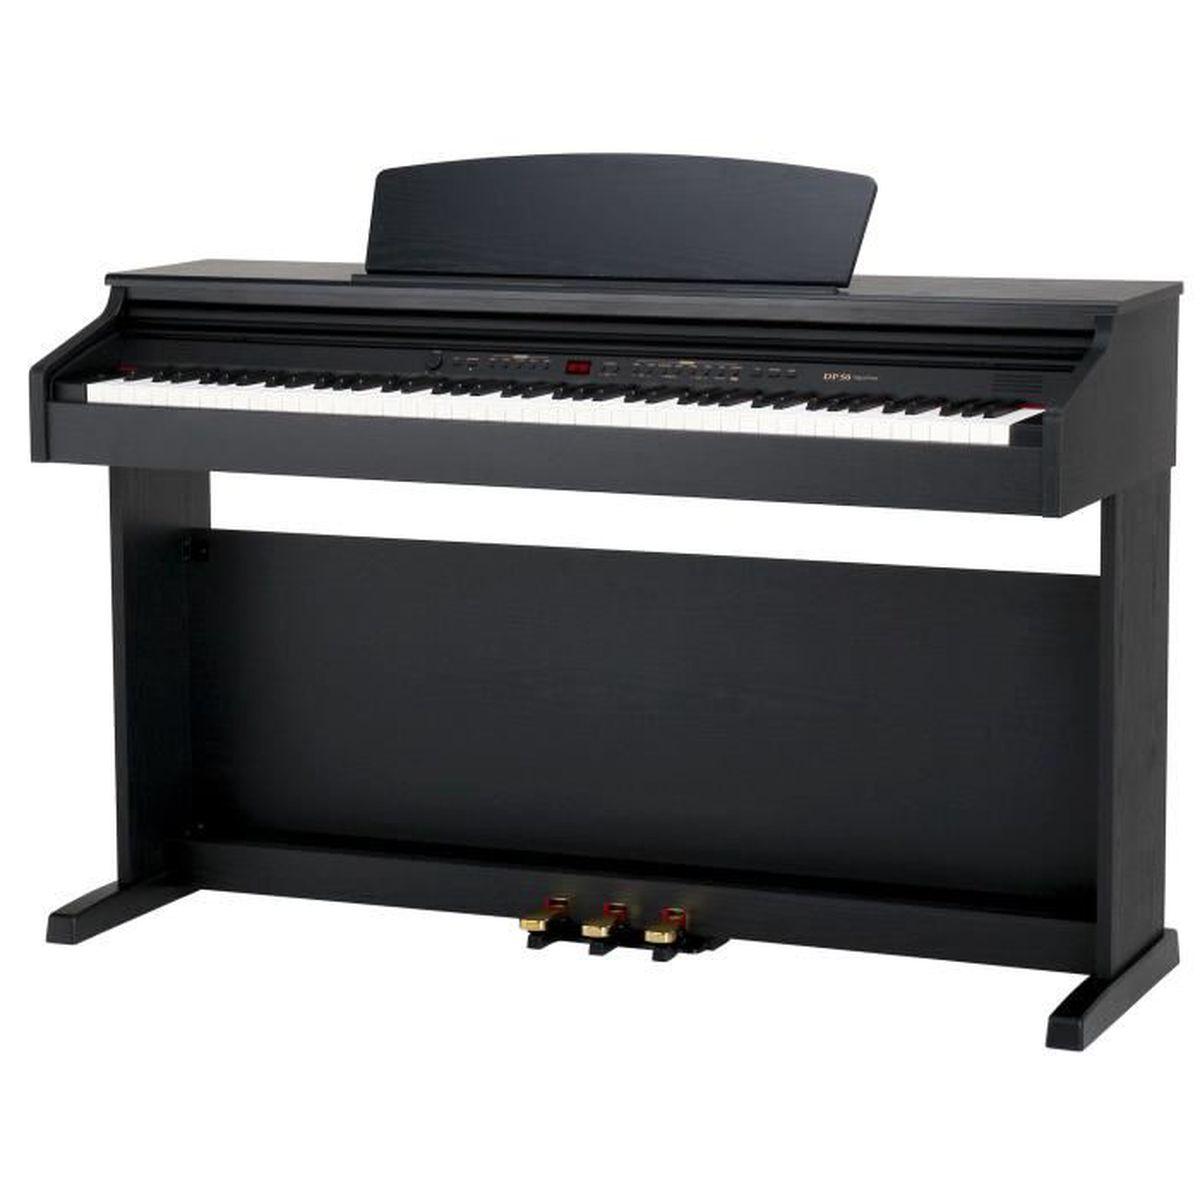 classic cantabile dp 50 sm piano num rique noir d poli pas cher achat vente pack piano. Black Bedroom Furniture Sets. Home Design Ideas